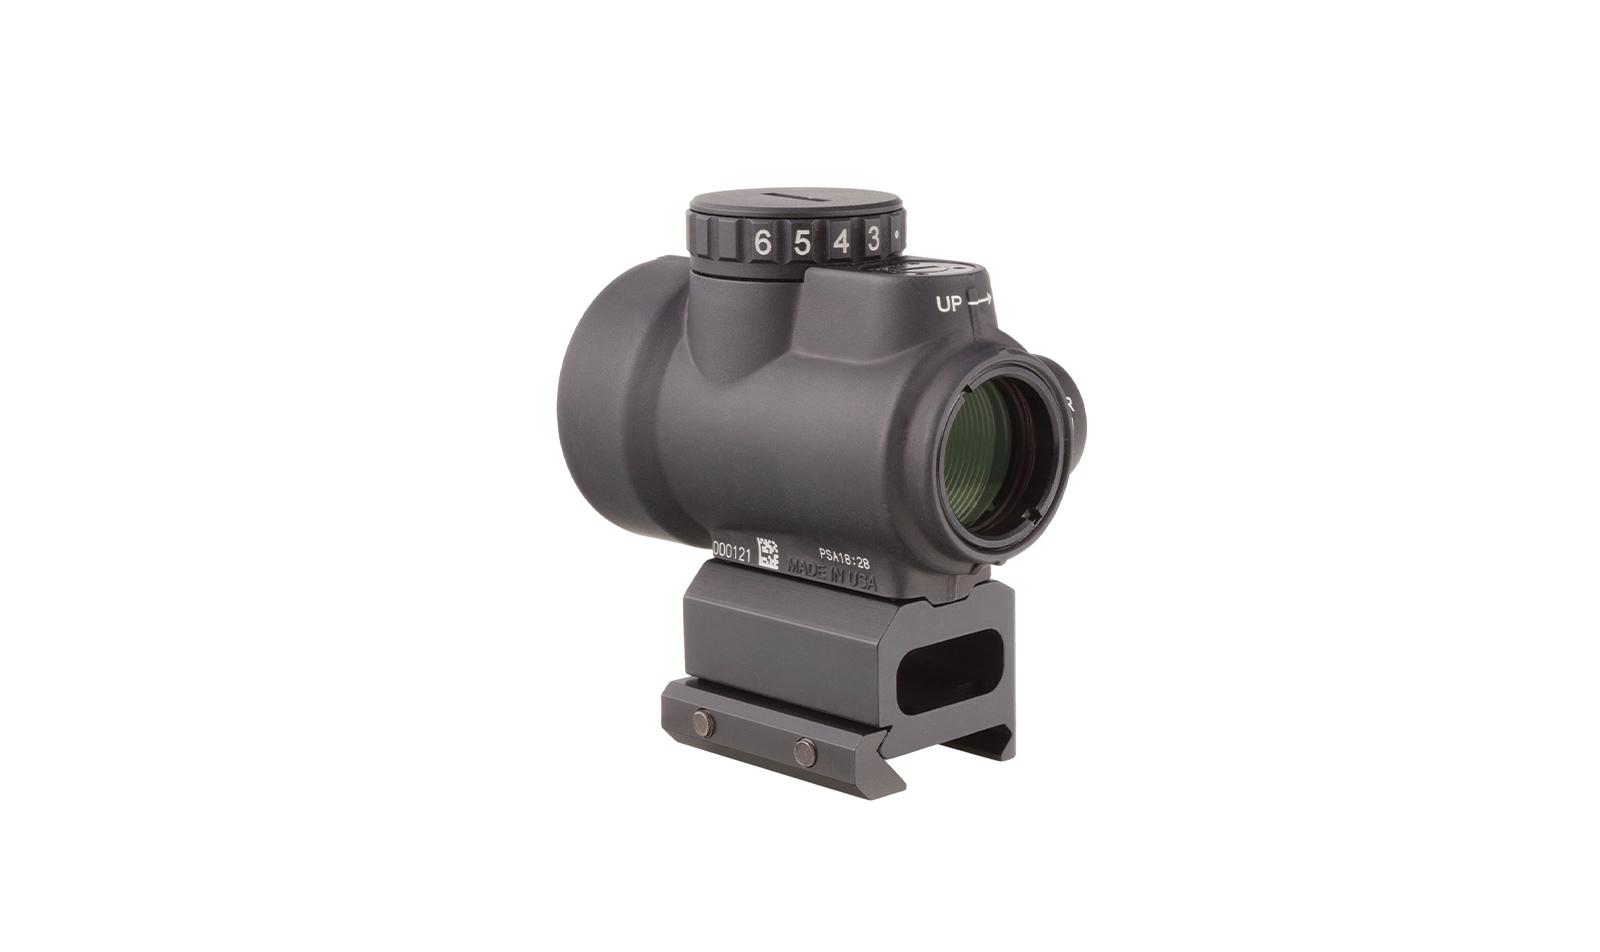 MRO-C-2200030 angle 3